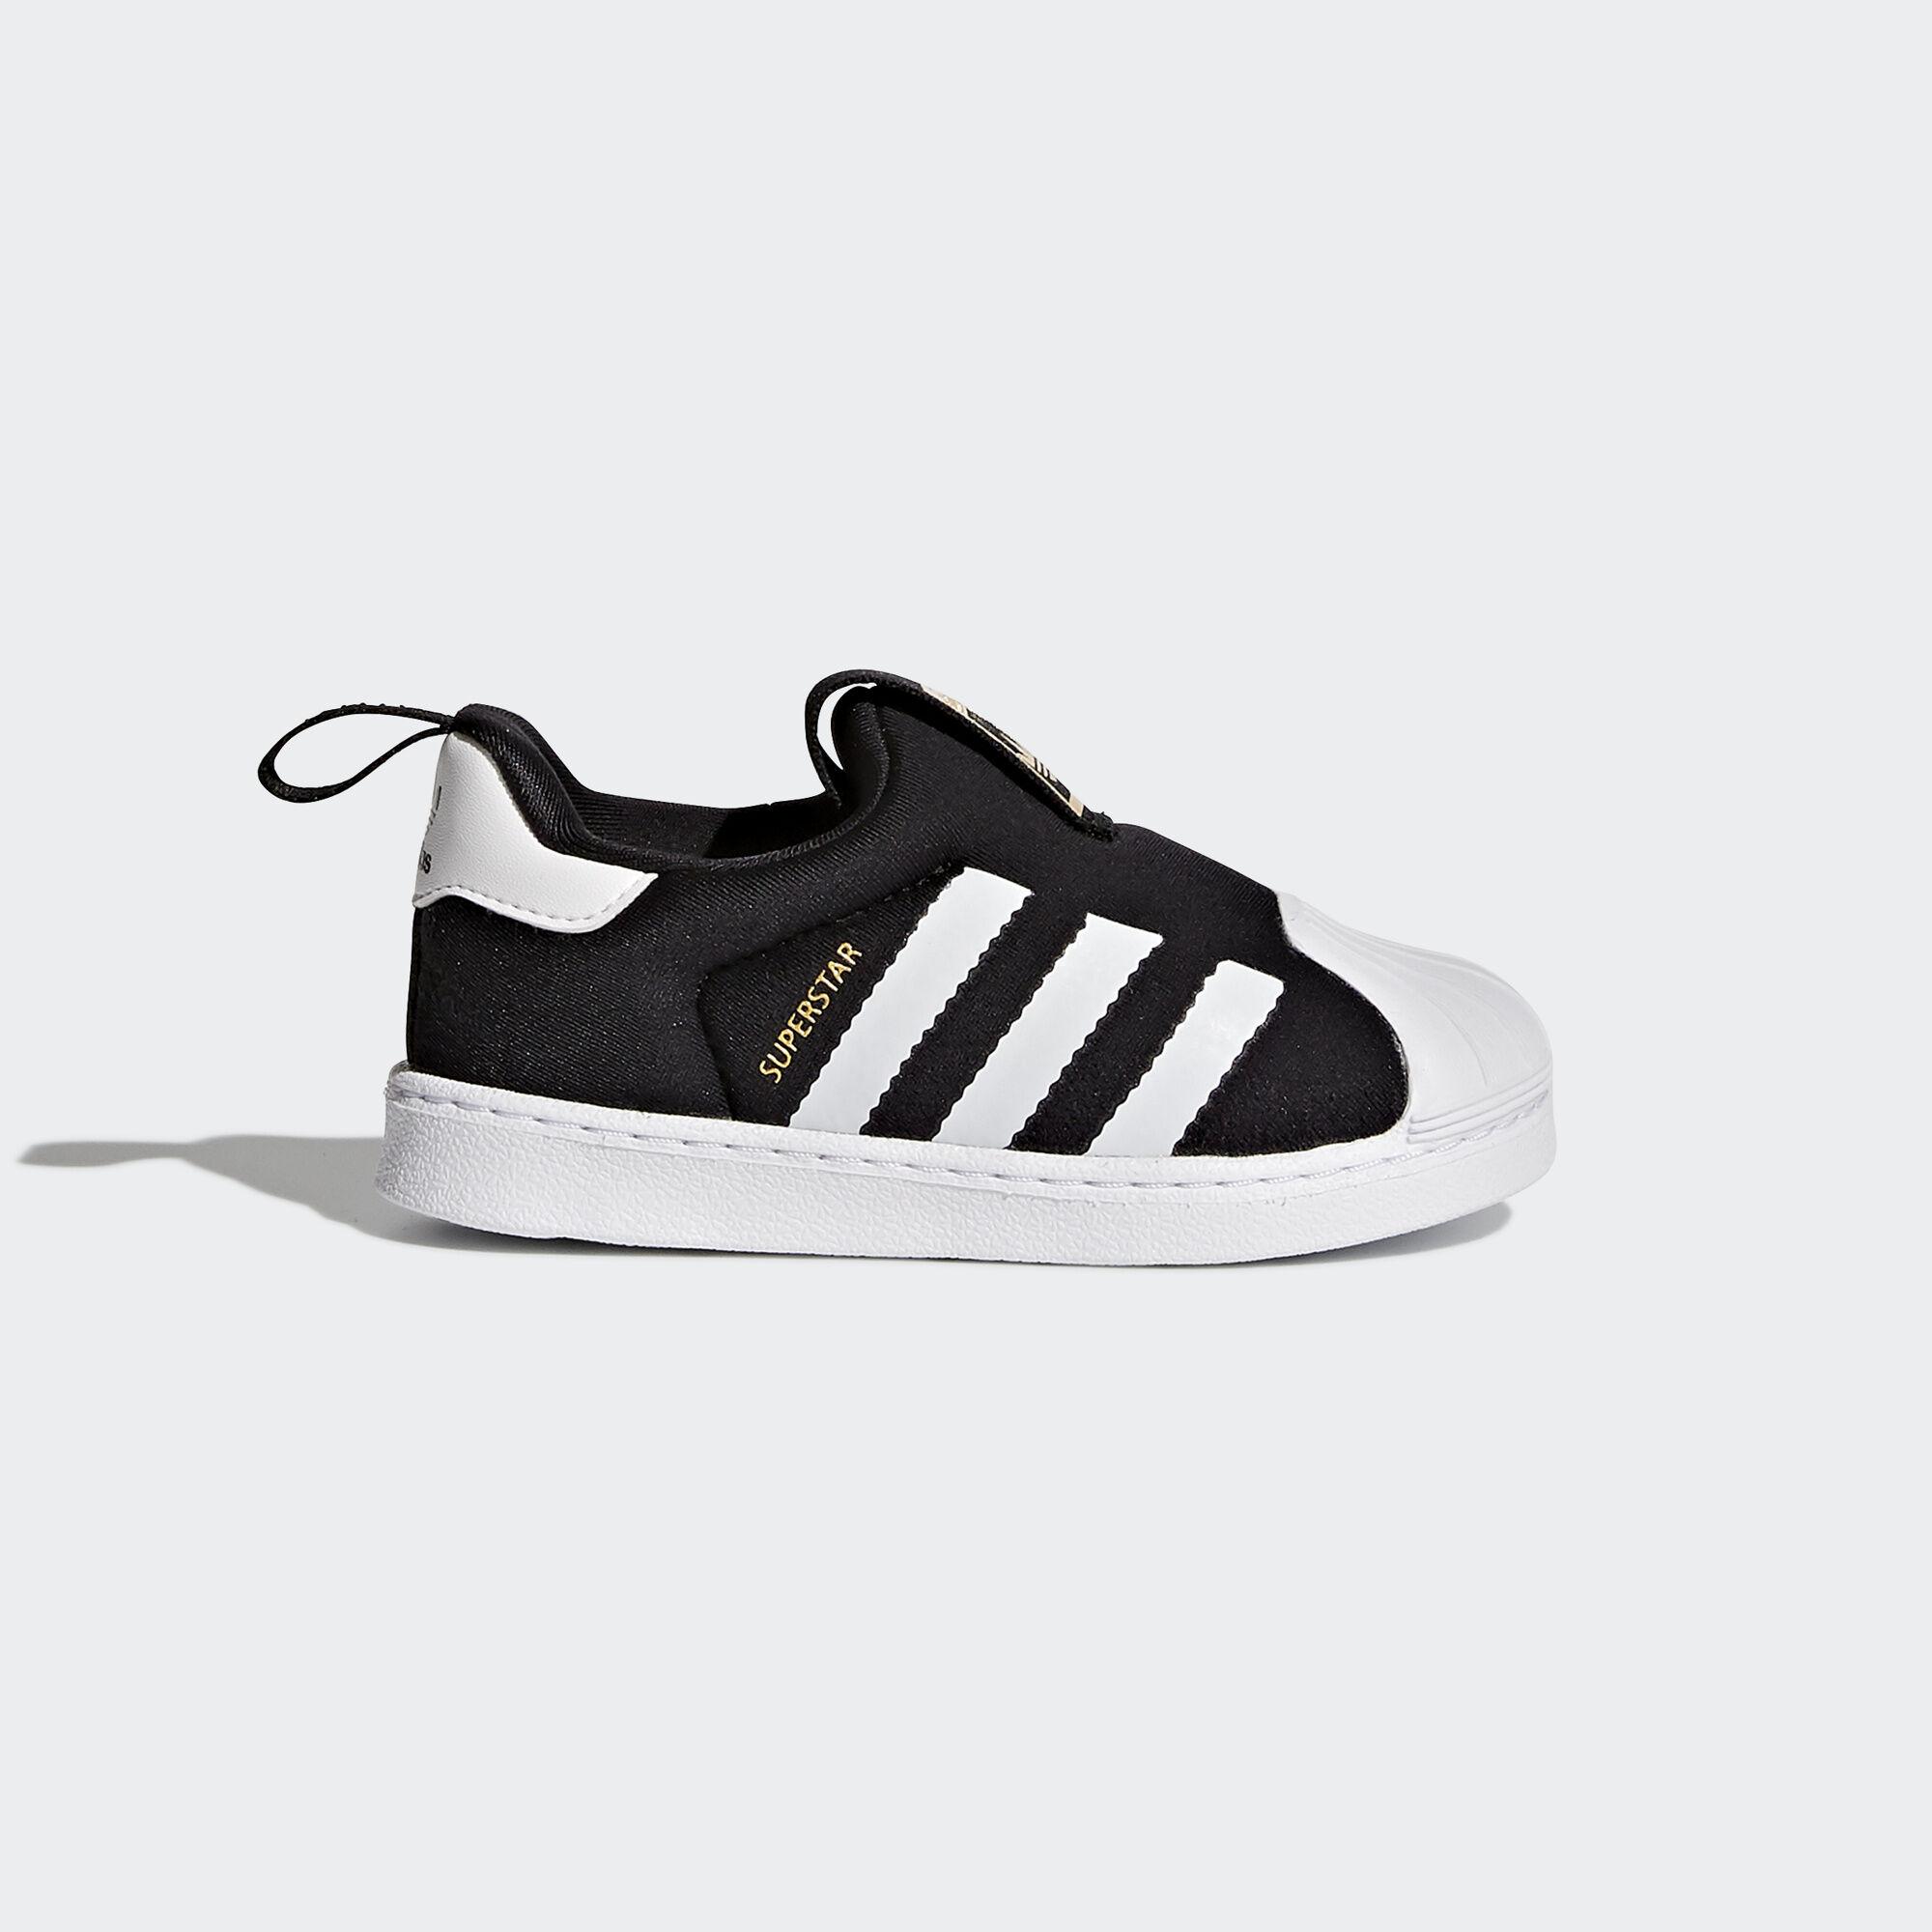 adidas superstar shoes nz